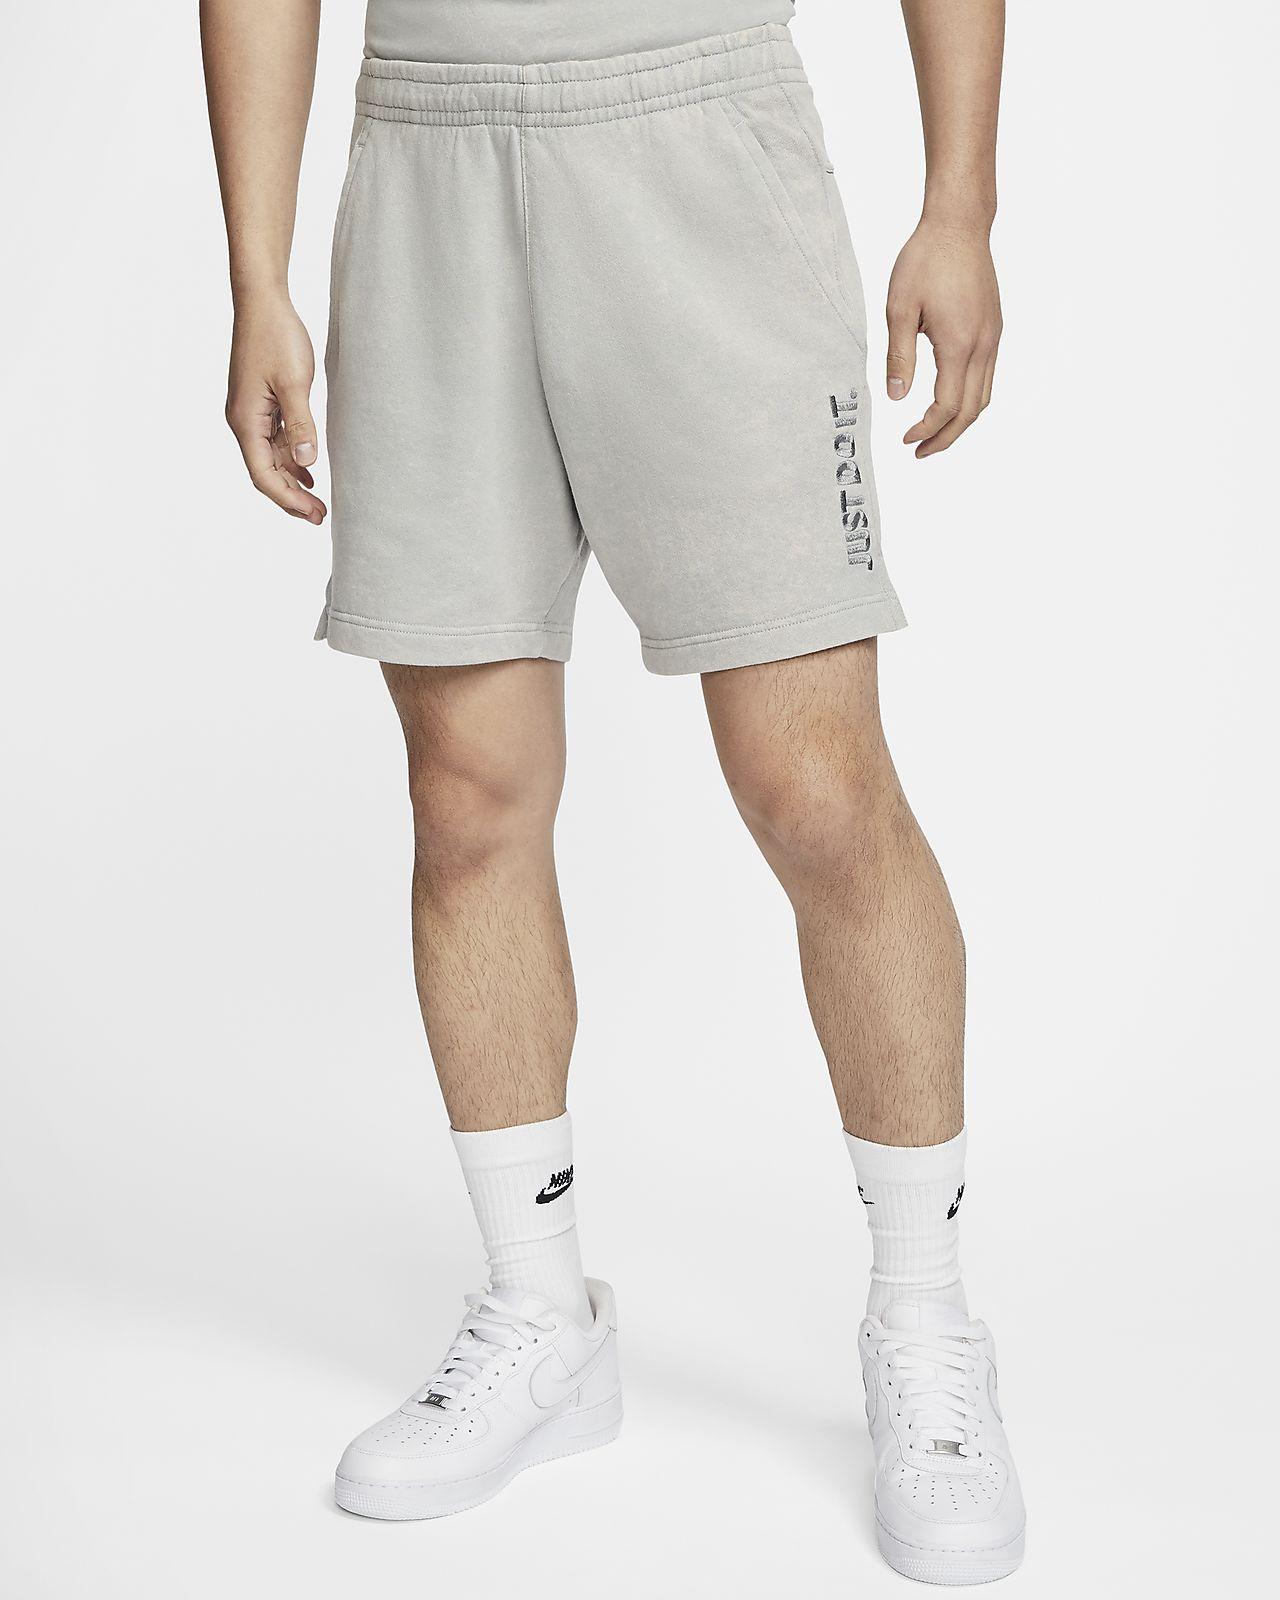 Nike Sportswear JDI 男子短裤